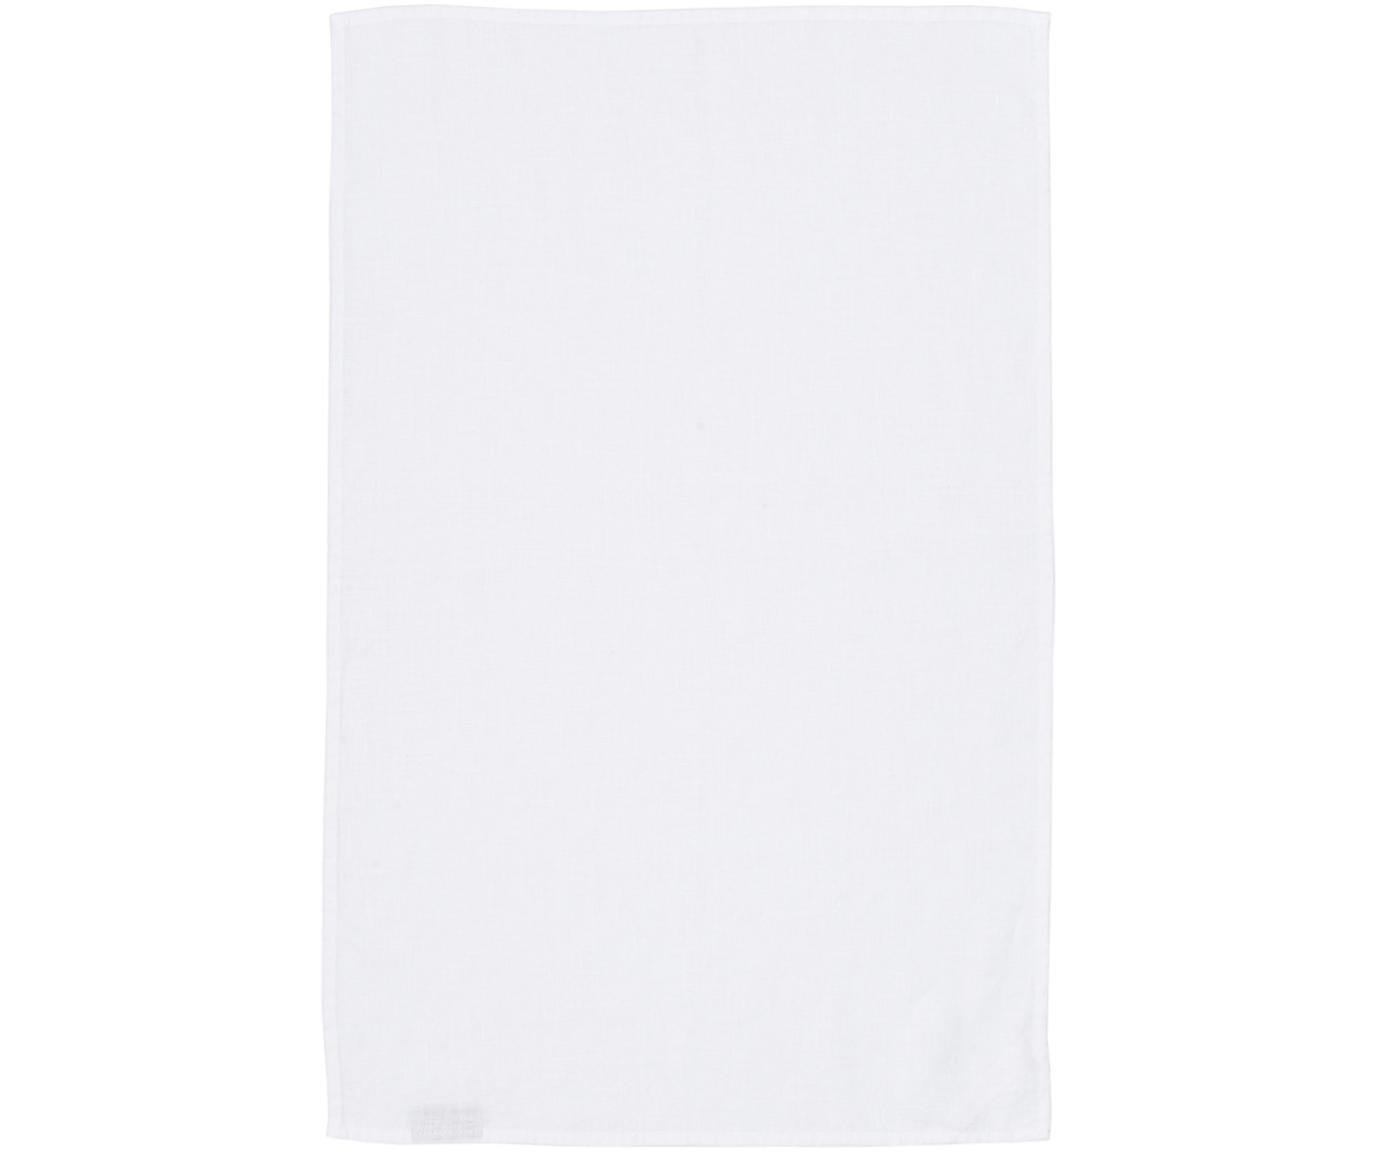 Leinen-Geschirrtuch Ruta in Weiß, Schneeweiß, 45 x 70 cm